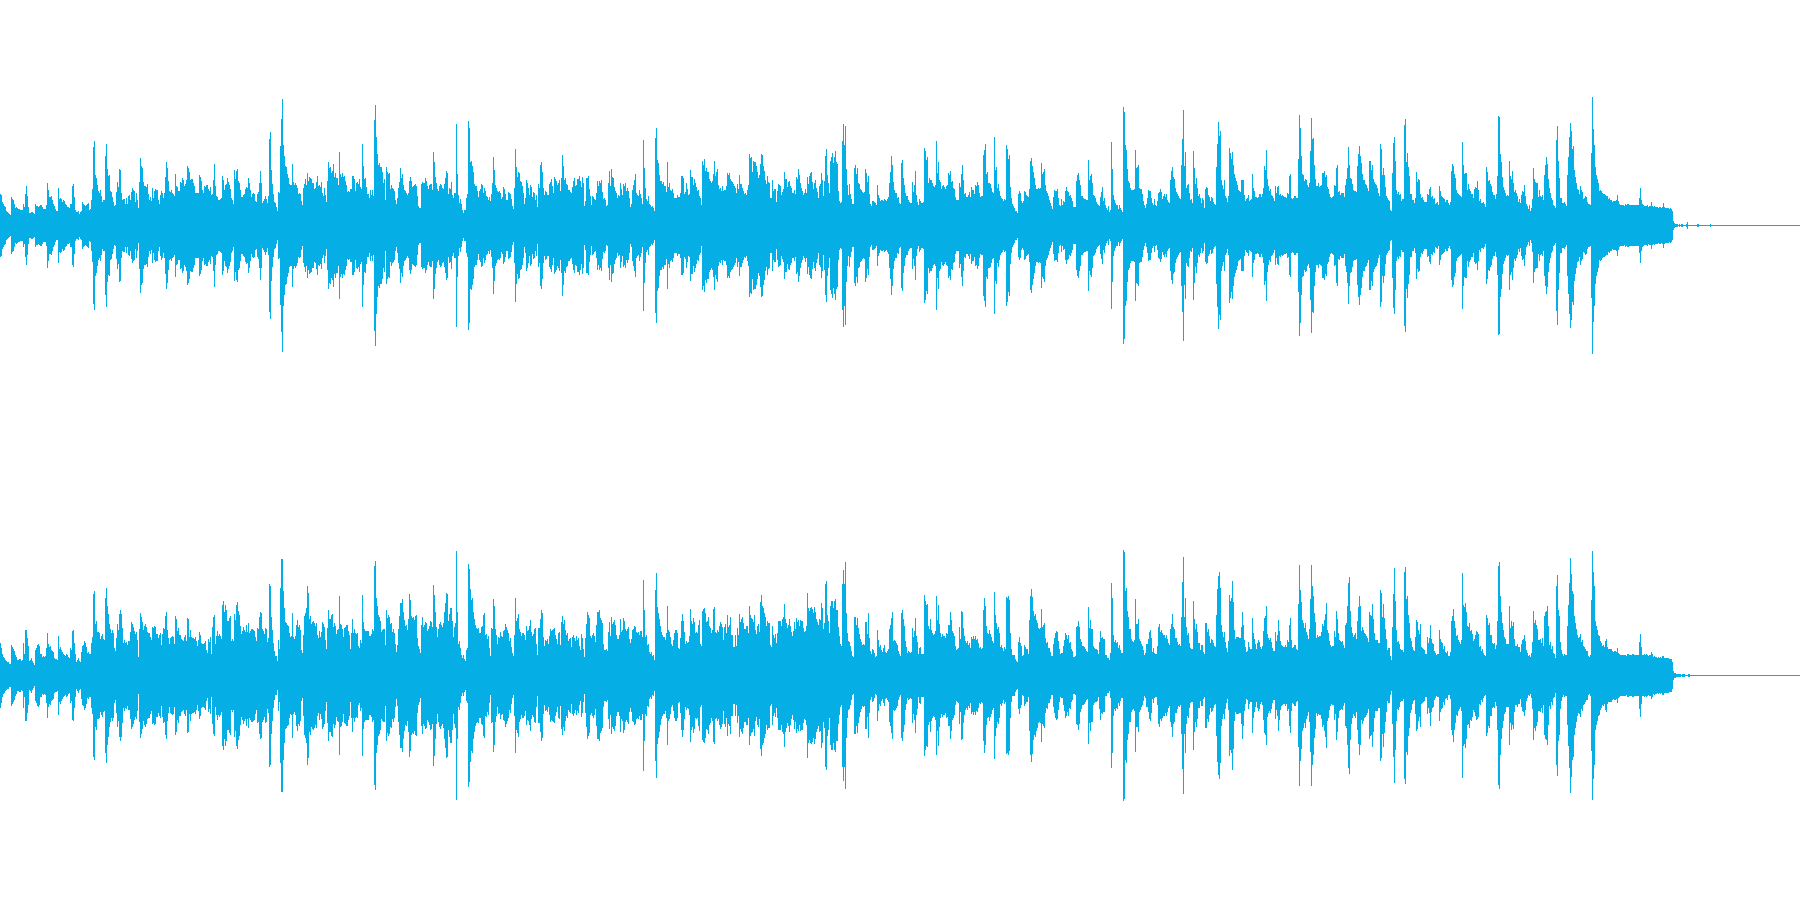 エスニックな、アジアンテイストのBGMの再生済みの波形